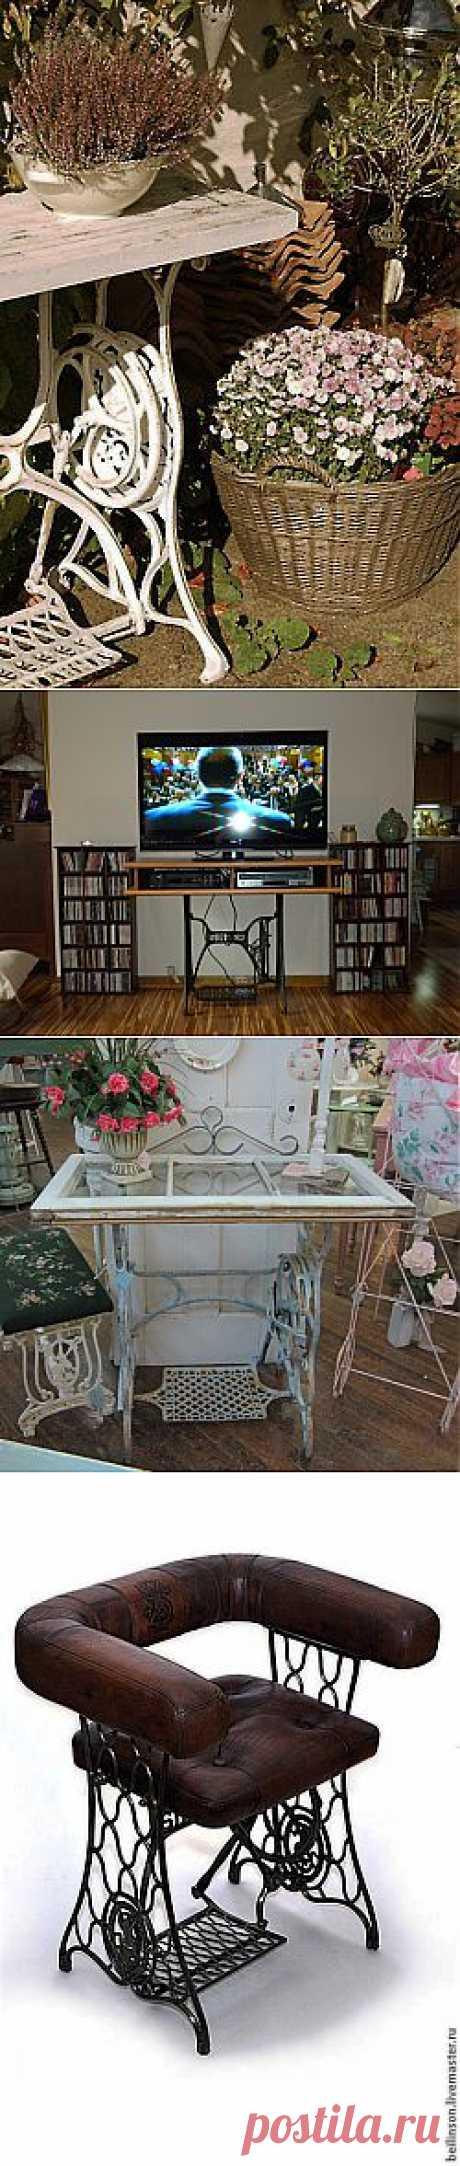 Декор старой швейной машинки. Идеи и воплощения - Ярмарка Мастеров - ручная работа, handmade